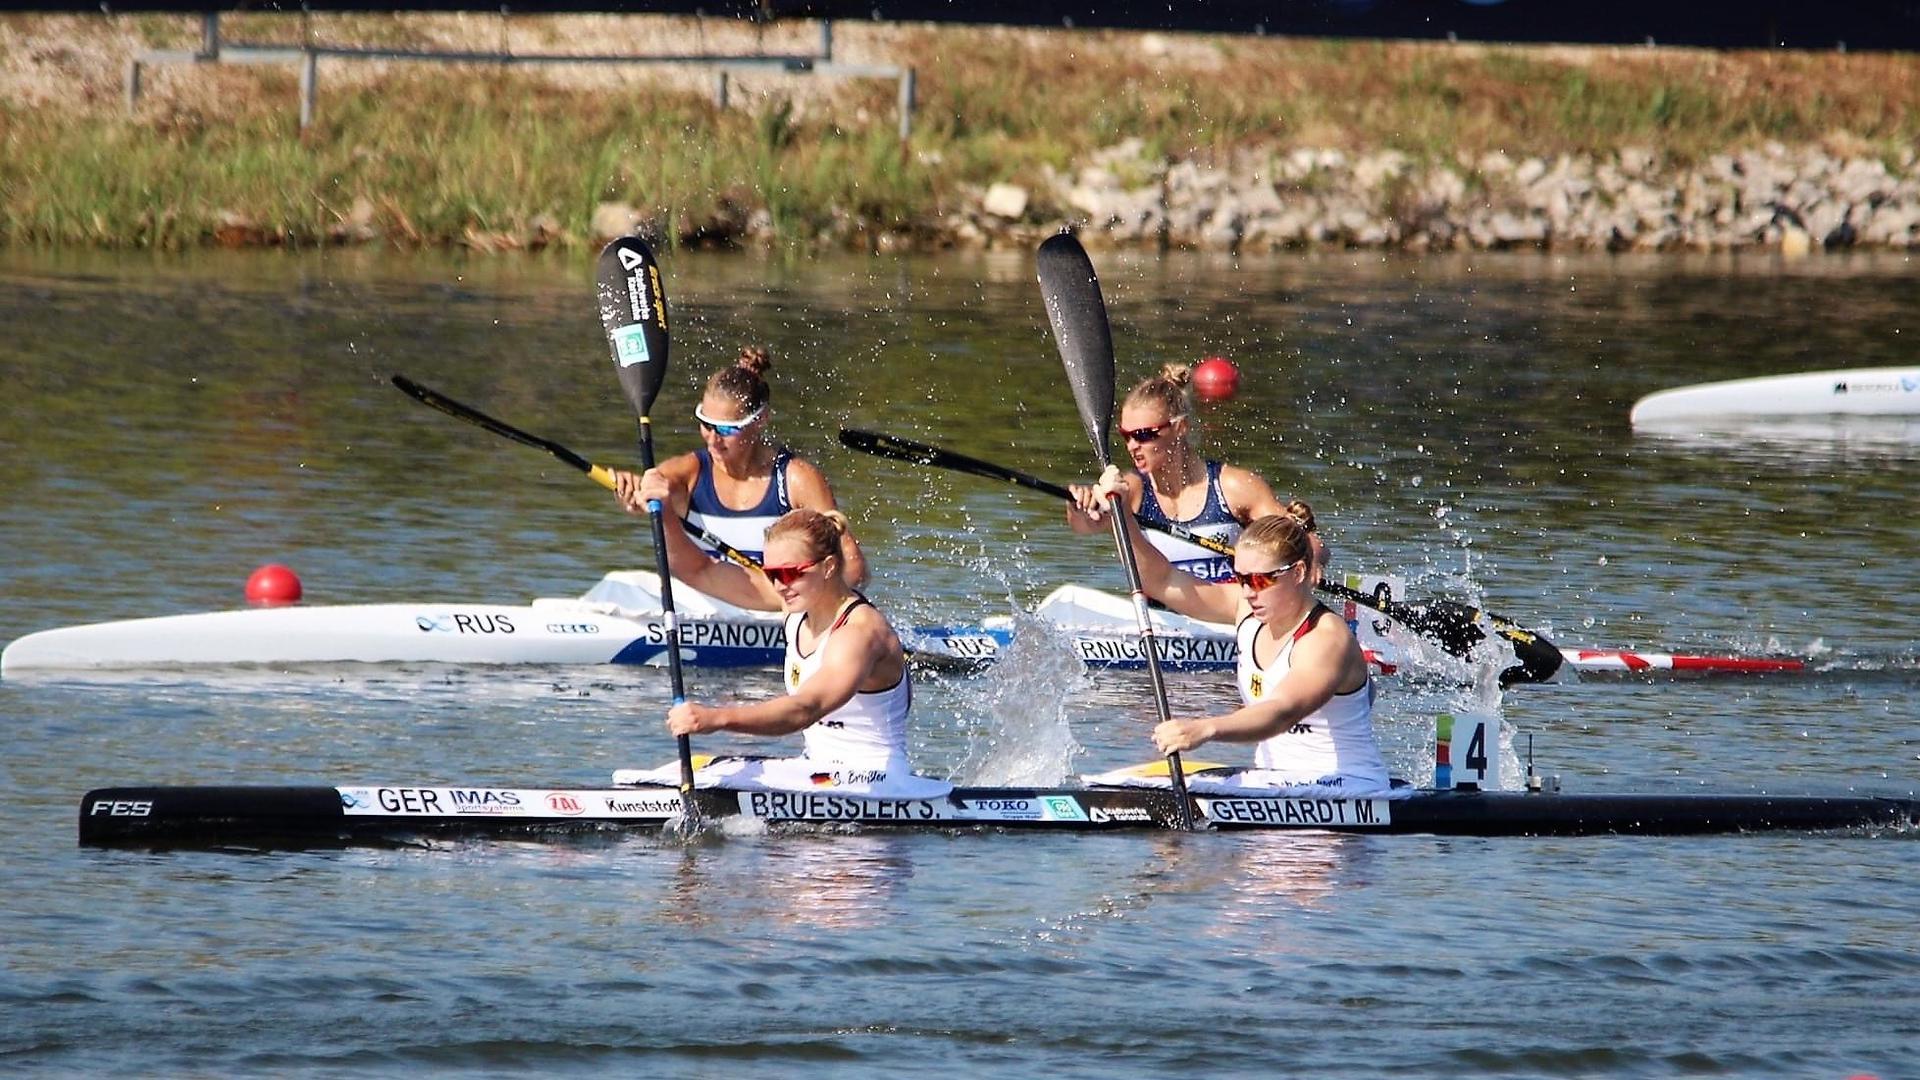 Paddelschläge in Richtung Tokio: Sarah Brüßler (vorne links) von den Rheinbrüdern Karlsruhe und die Leipzigerin Melanie Gebhardt haben dem deutschen Verband zwei weitere Quotenplätze für Olympia gesichert.